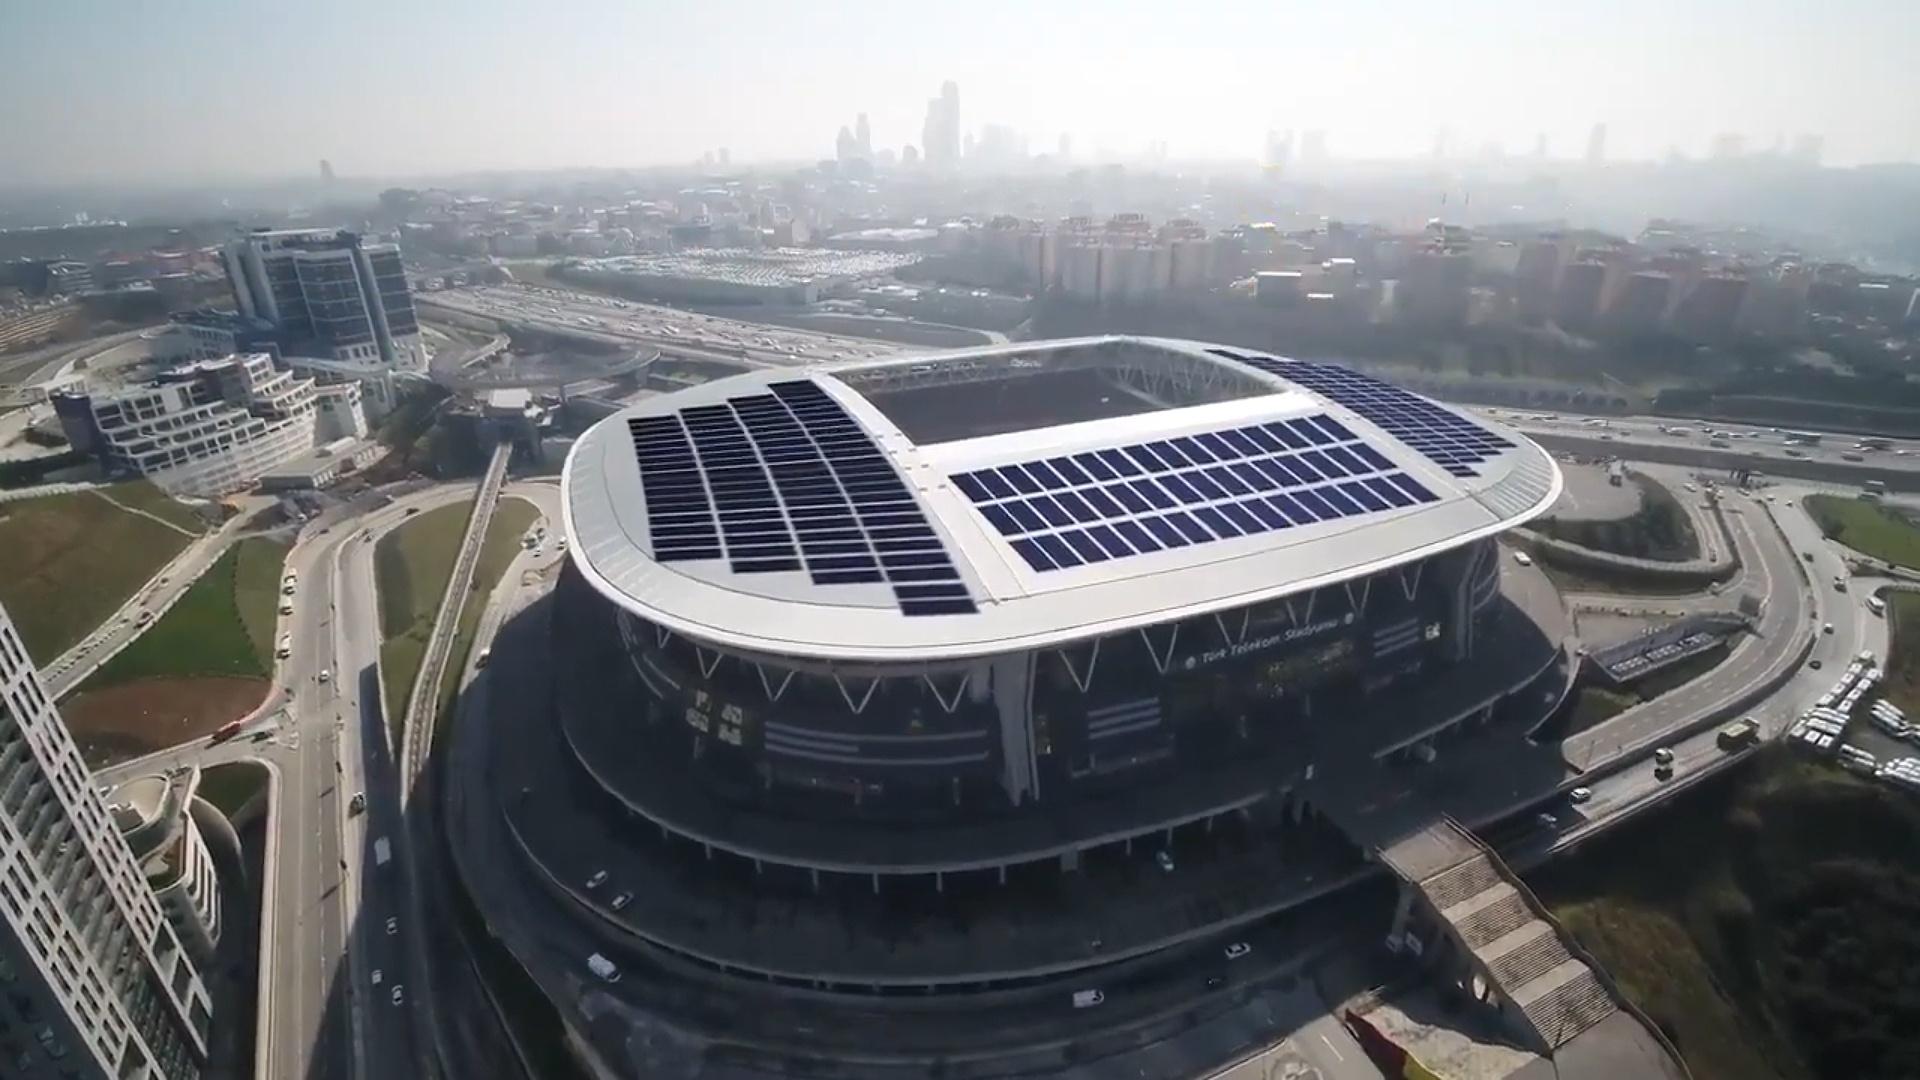 Turk Telekom Stadium, Istanbul